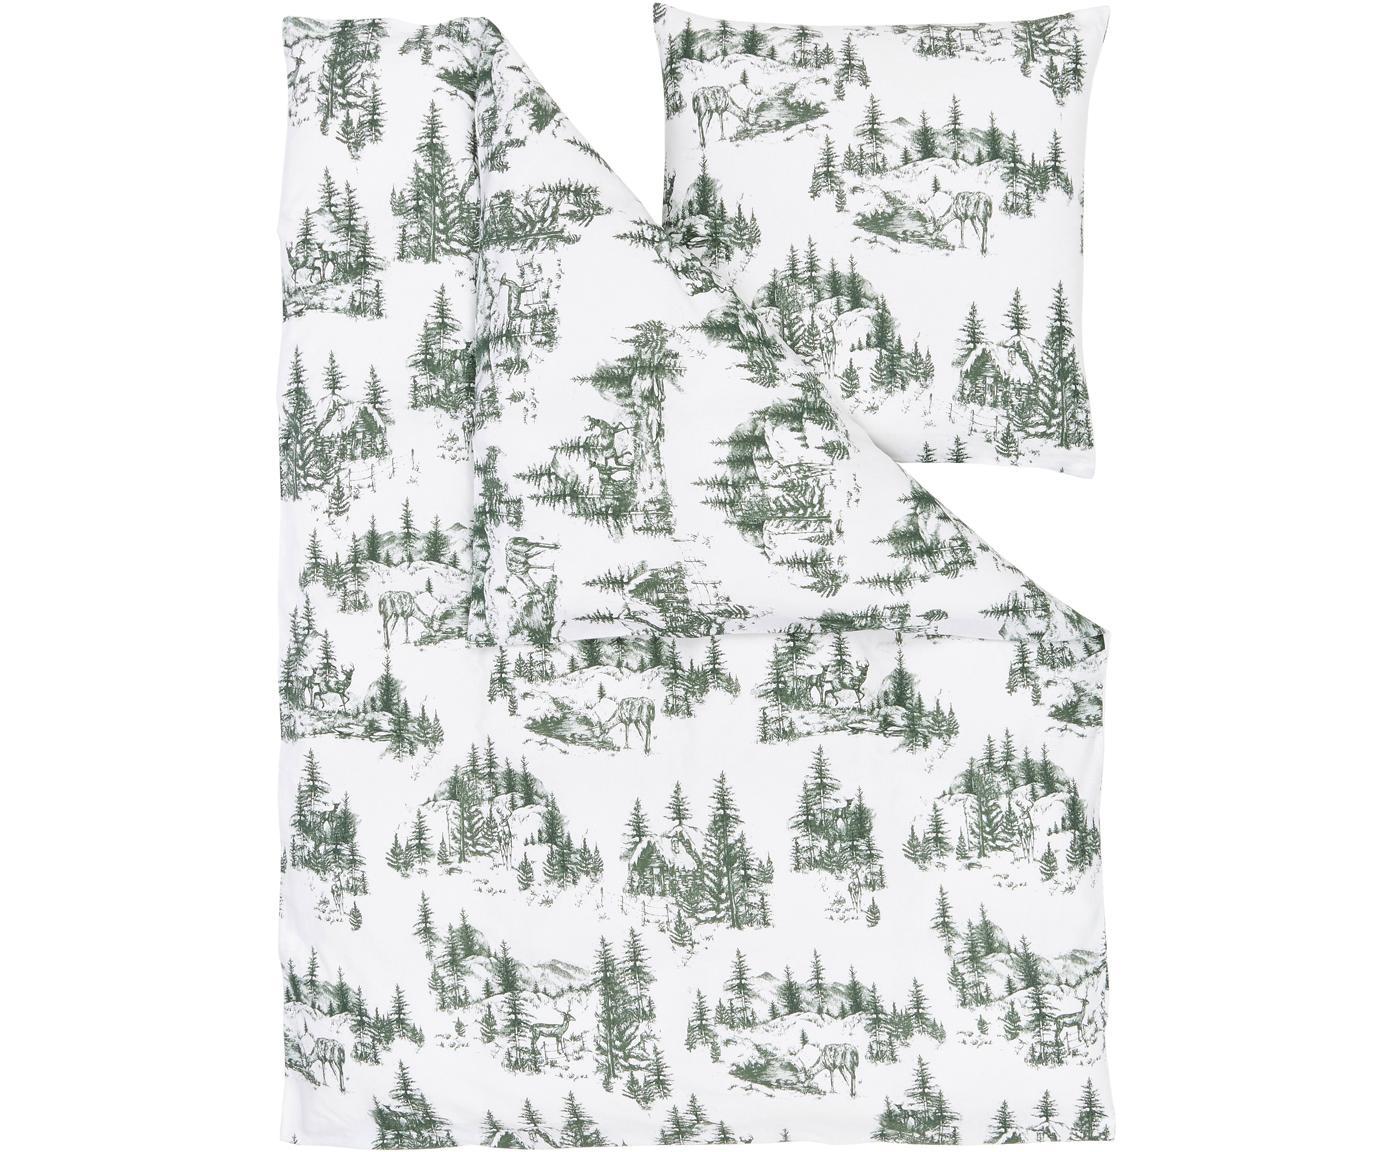 Flanell-Bettwäsche Nordic mit winterlichem Motiv, Webart: Flanell Flanell ist ein s, Grün, Weiß, 135 x 200 cm + 1 Kissen 80 x 80 cm